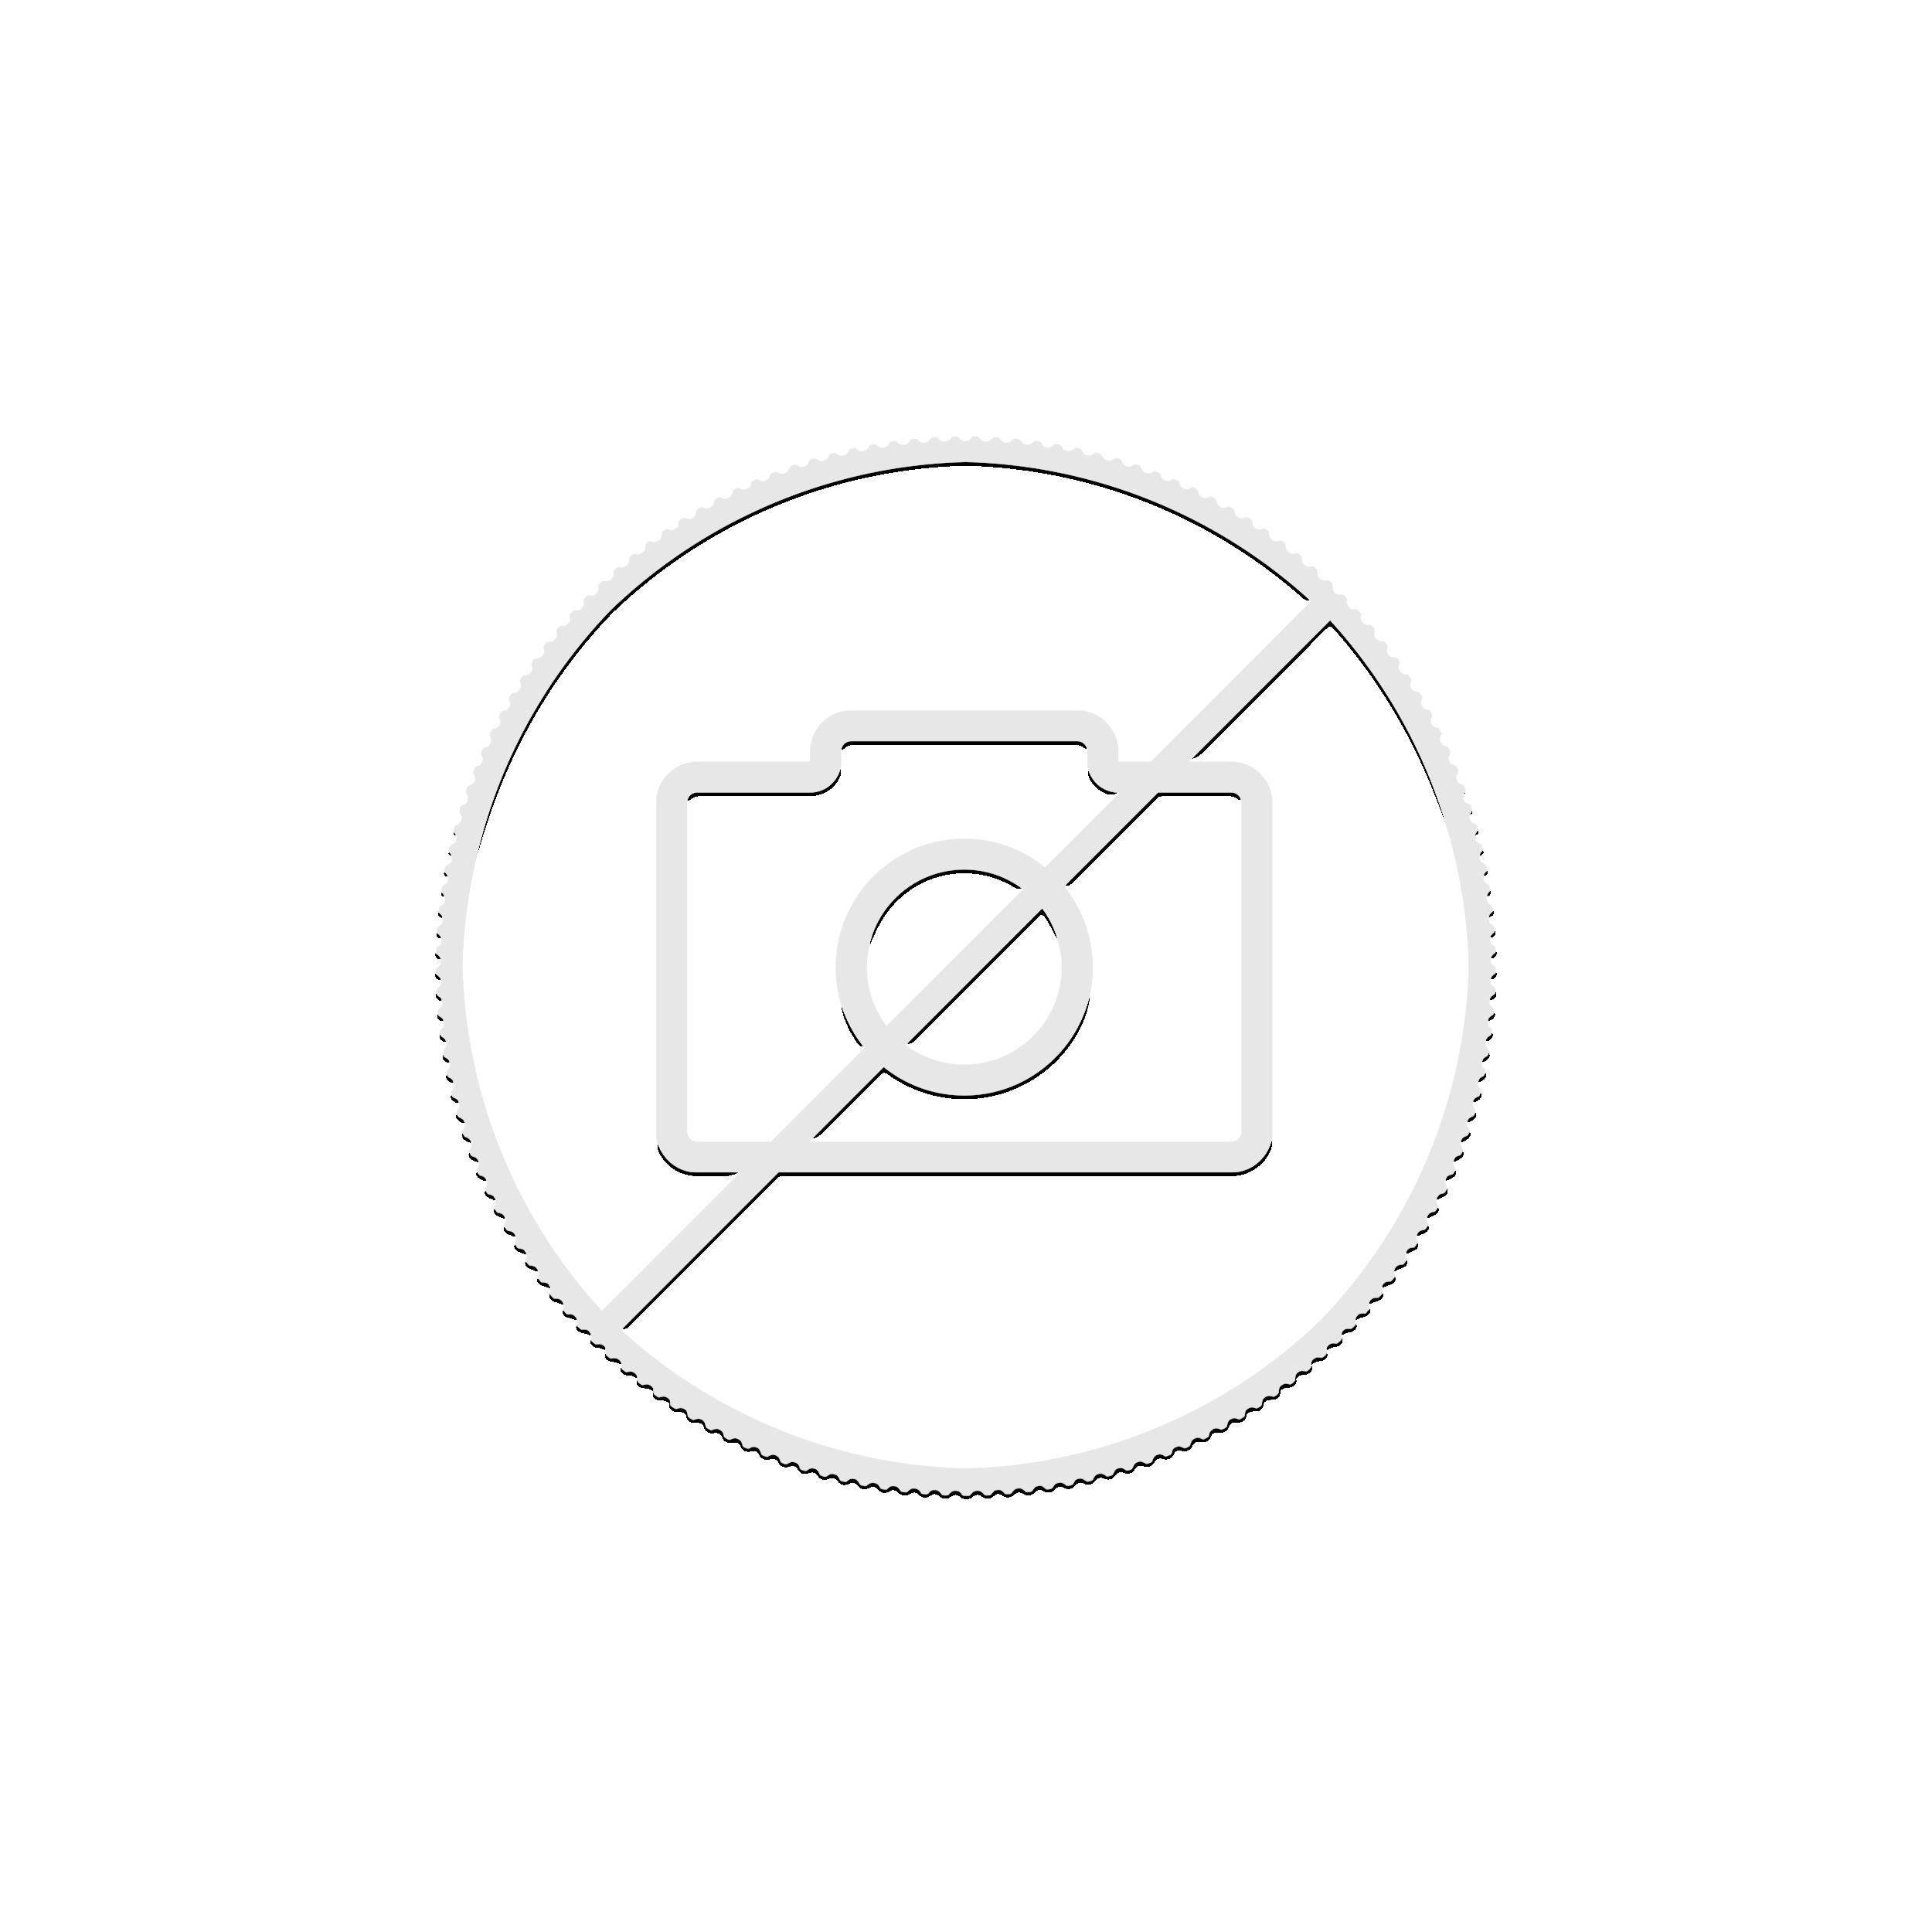 2 troy ounce zilveren munt Lunar 2022